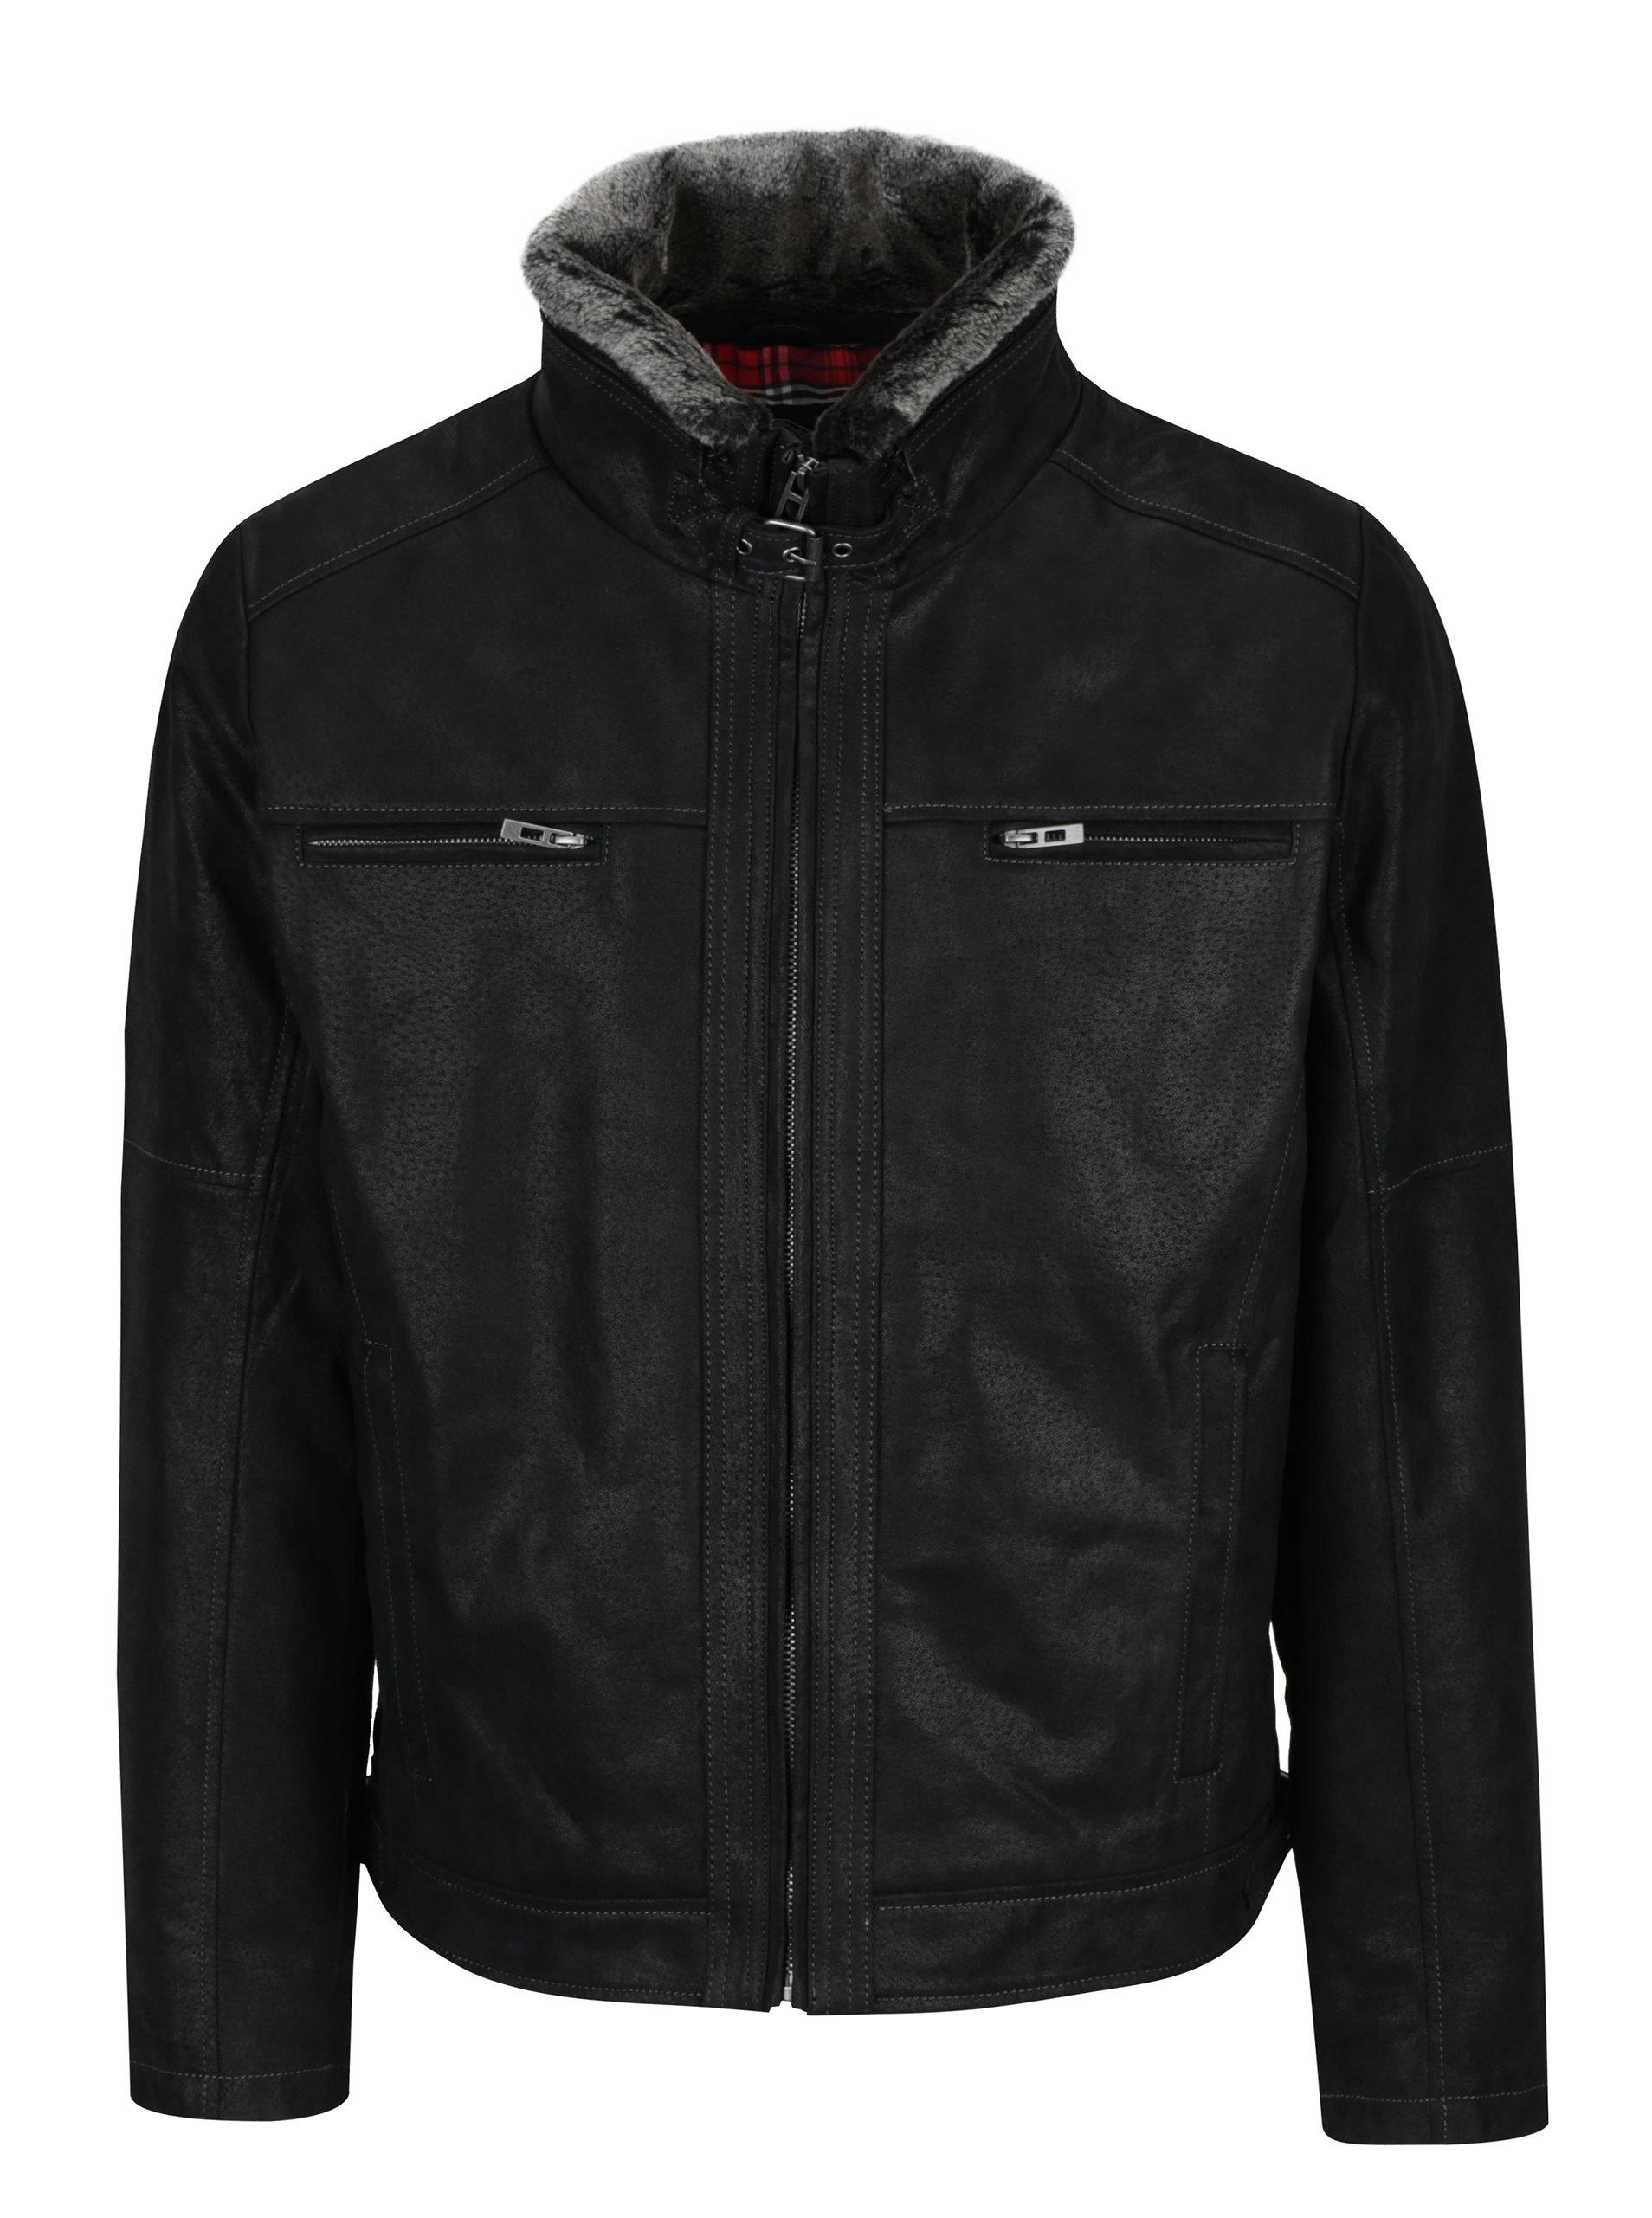 Černá pánská kožená bunda s umělou kožešinou KARA Albert ... f2f2639a832